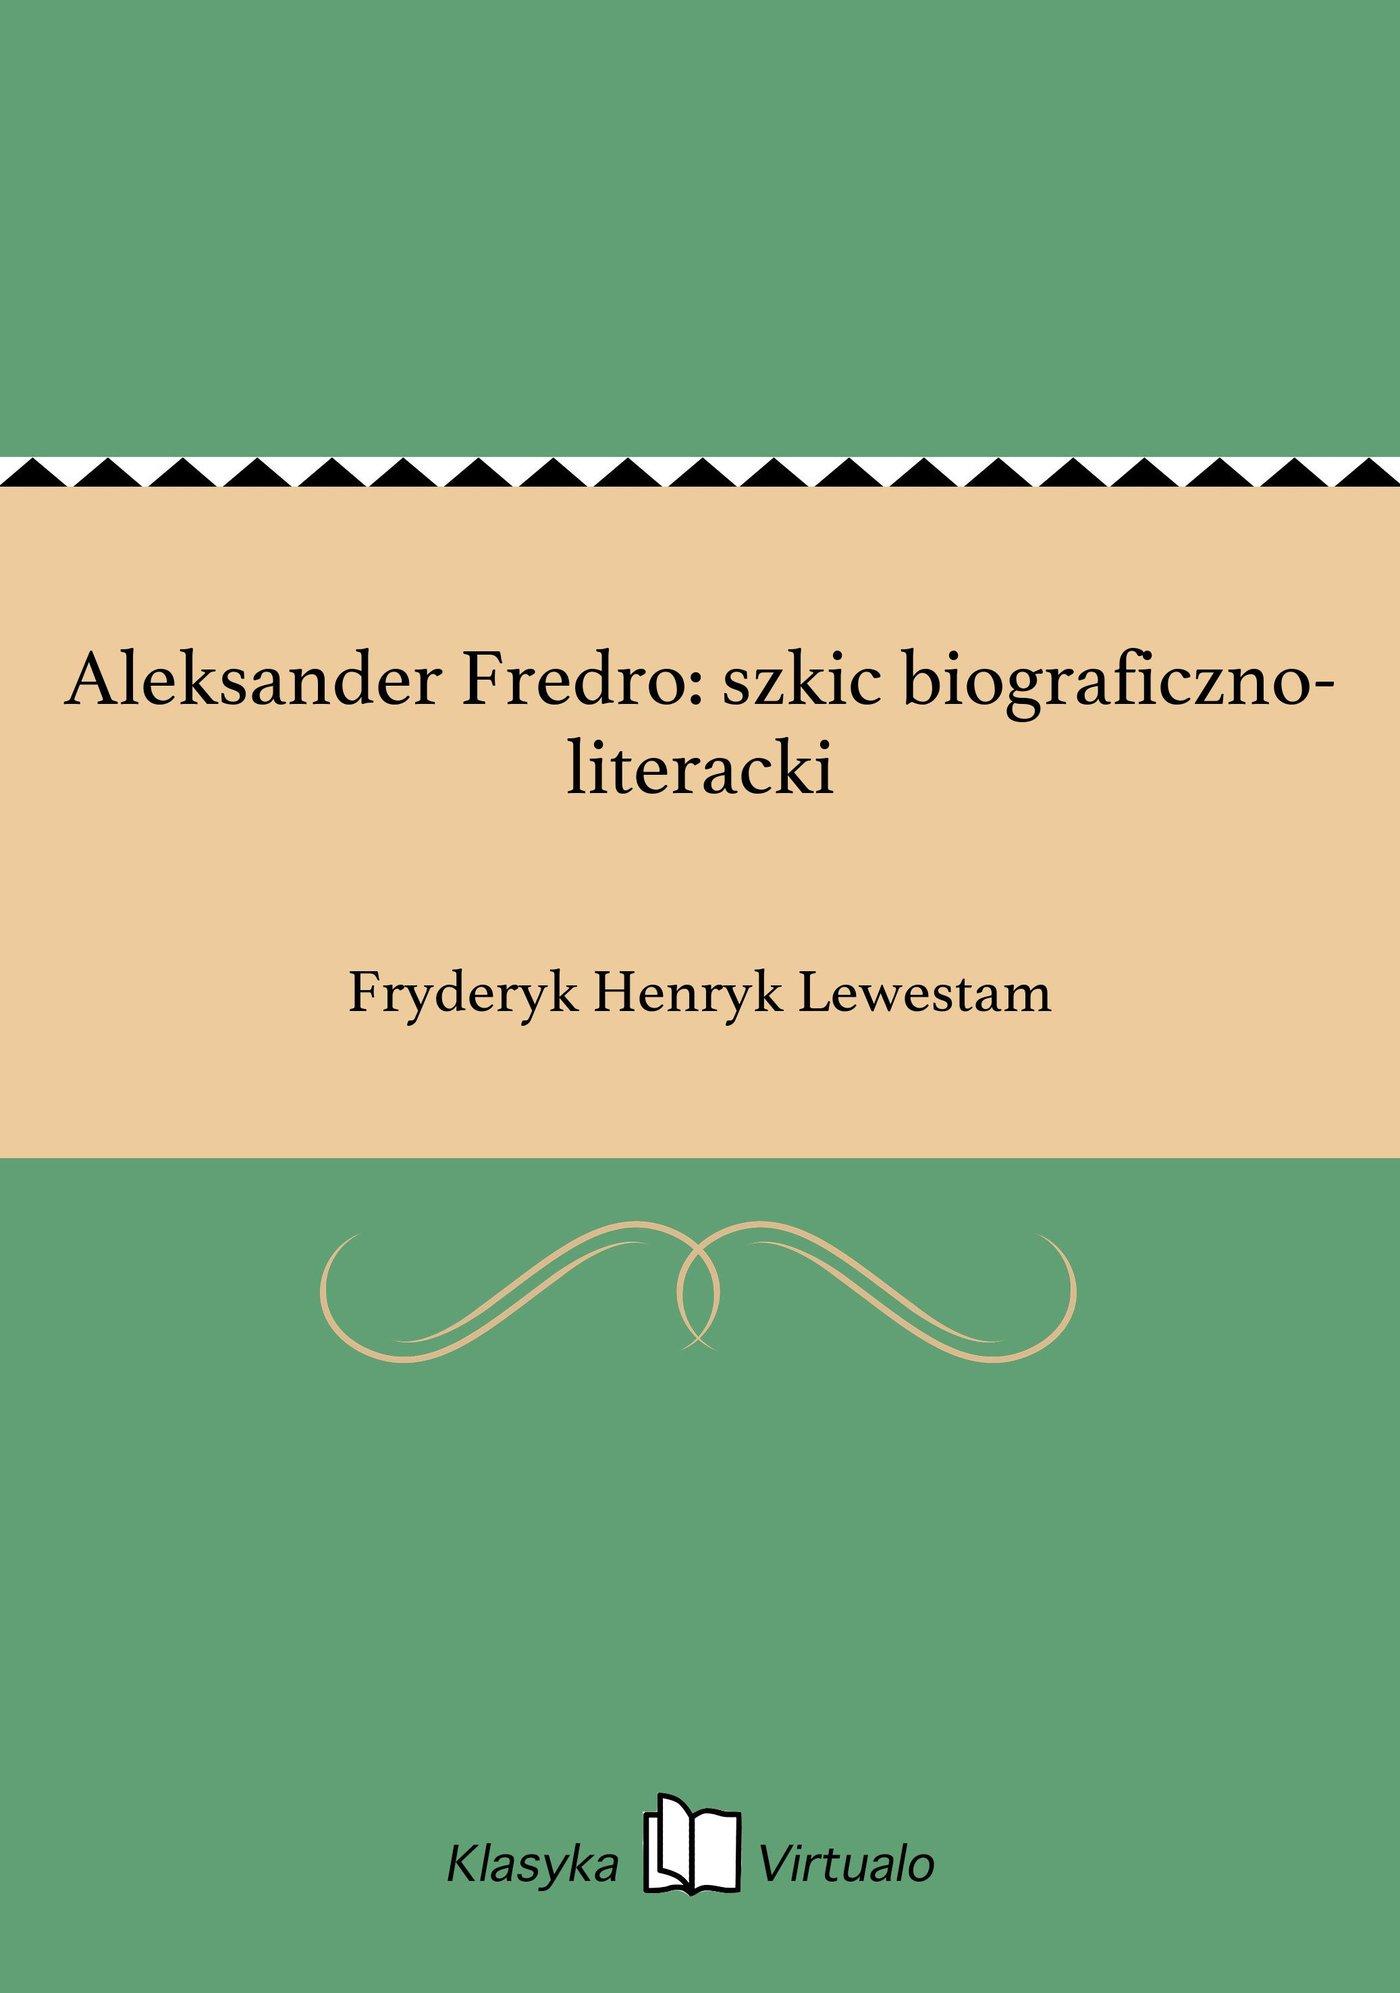 Aleksander Fredro: szkic biograficzno-literacki - Ebook (Książka na Kindle) do pobrania w formacie MOBI